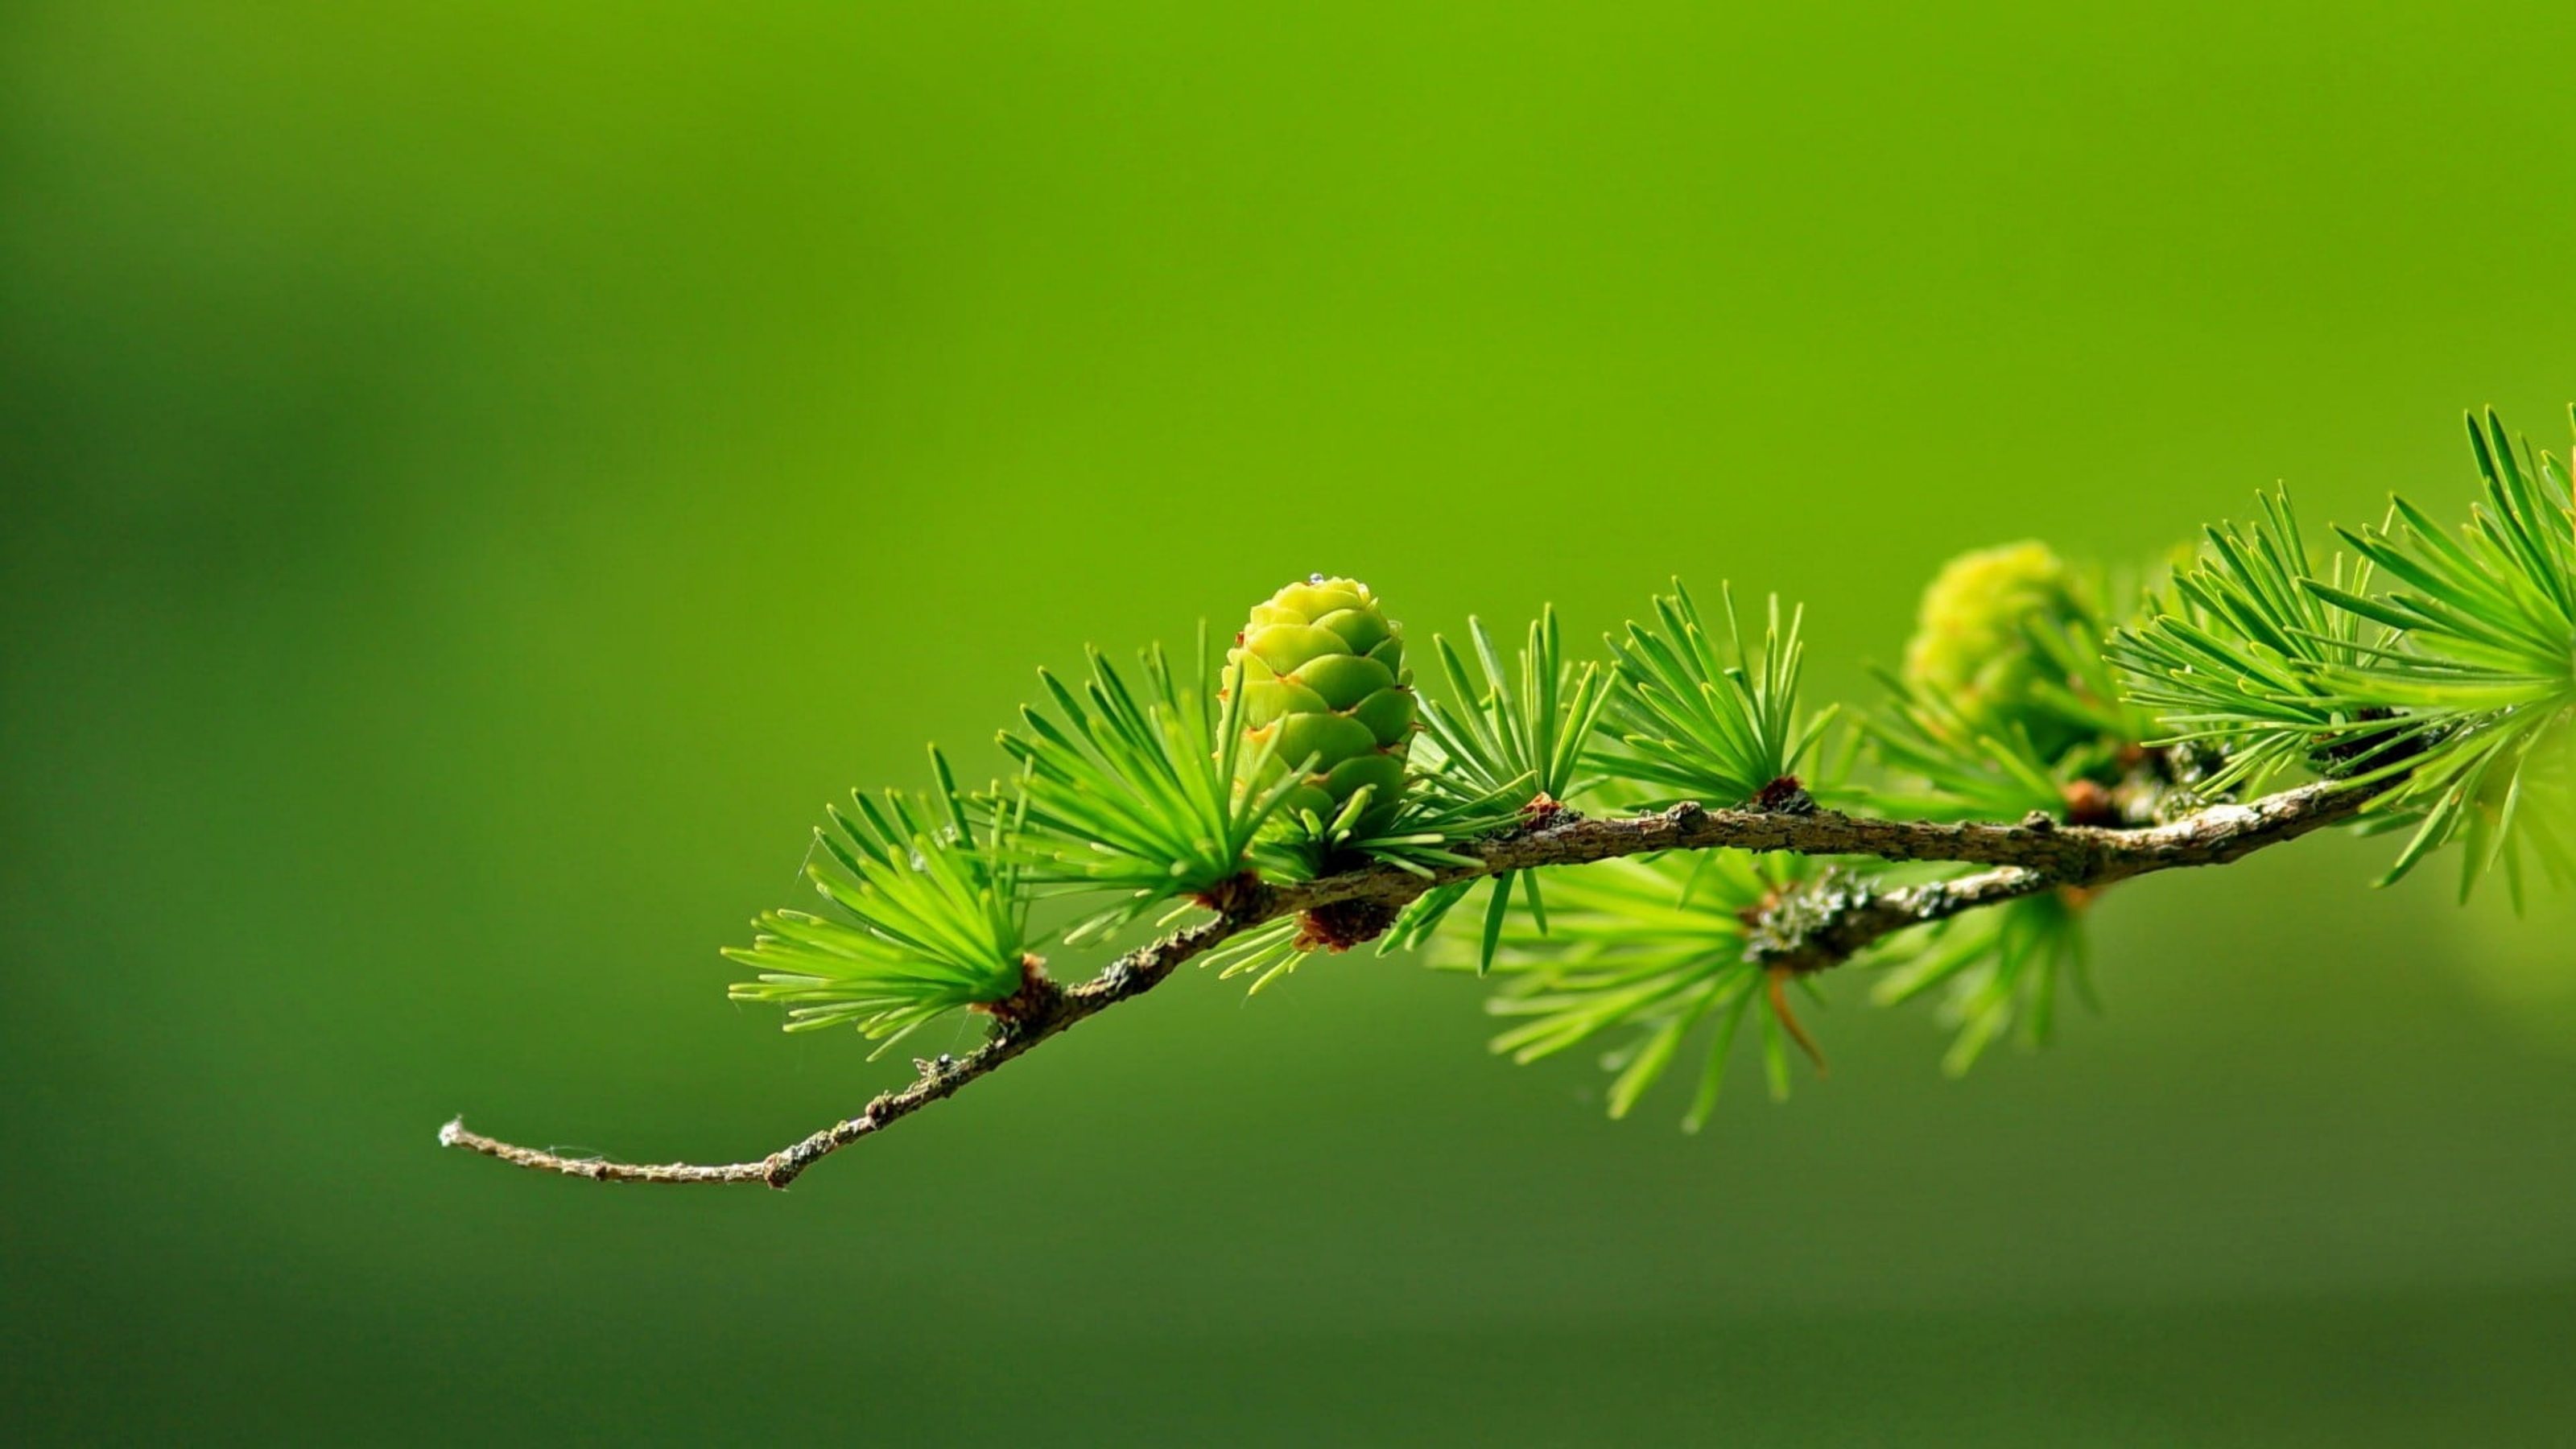 Картинка: Хвоя, лиственница, шишка, зелёная, иголки, зелёный фон